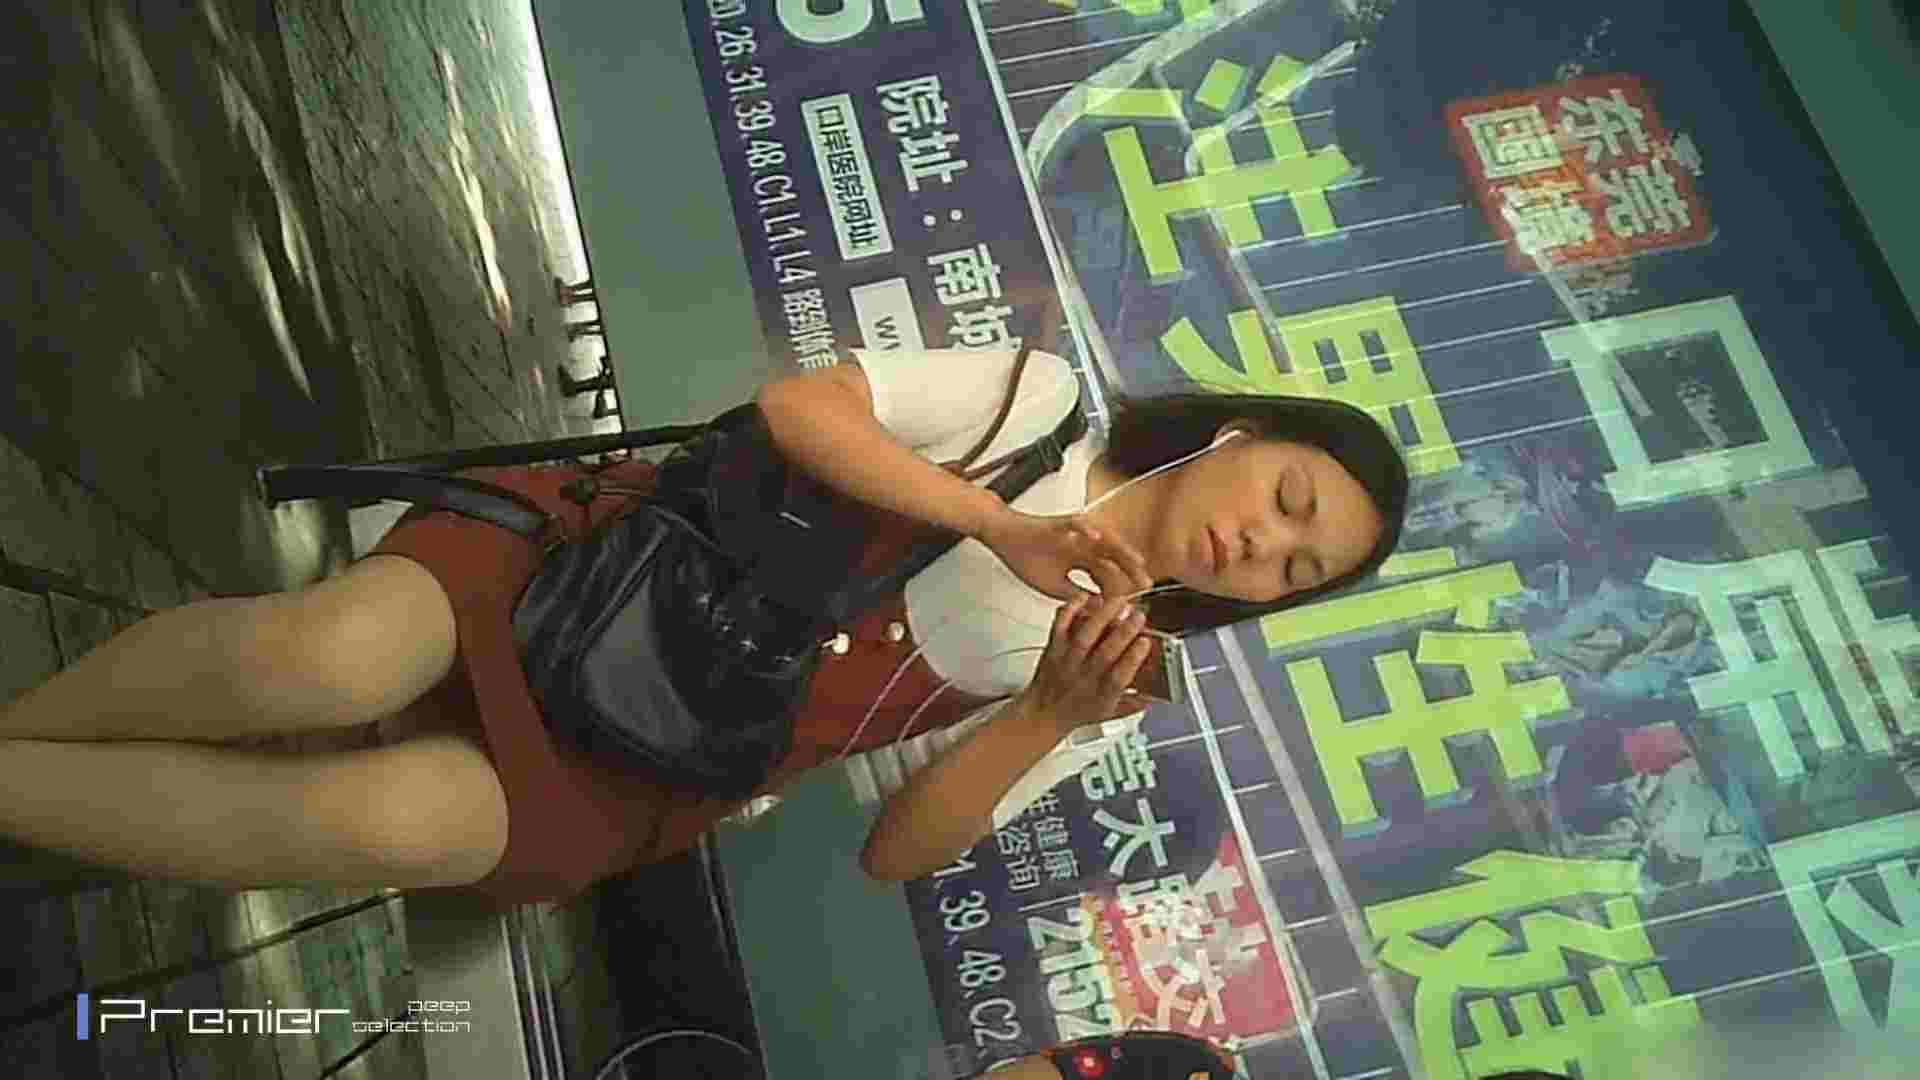 ギャルのパンチラ 美女の痴態に密着!Vol.17 エッチなOL オマンコ動画キャプチャ 107枚 36